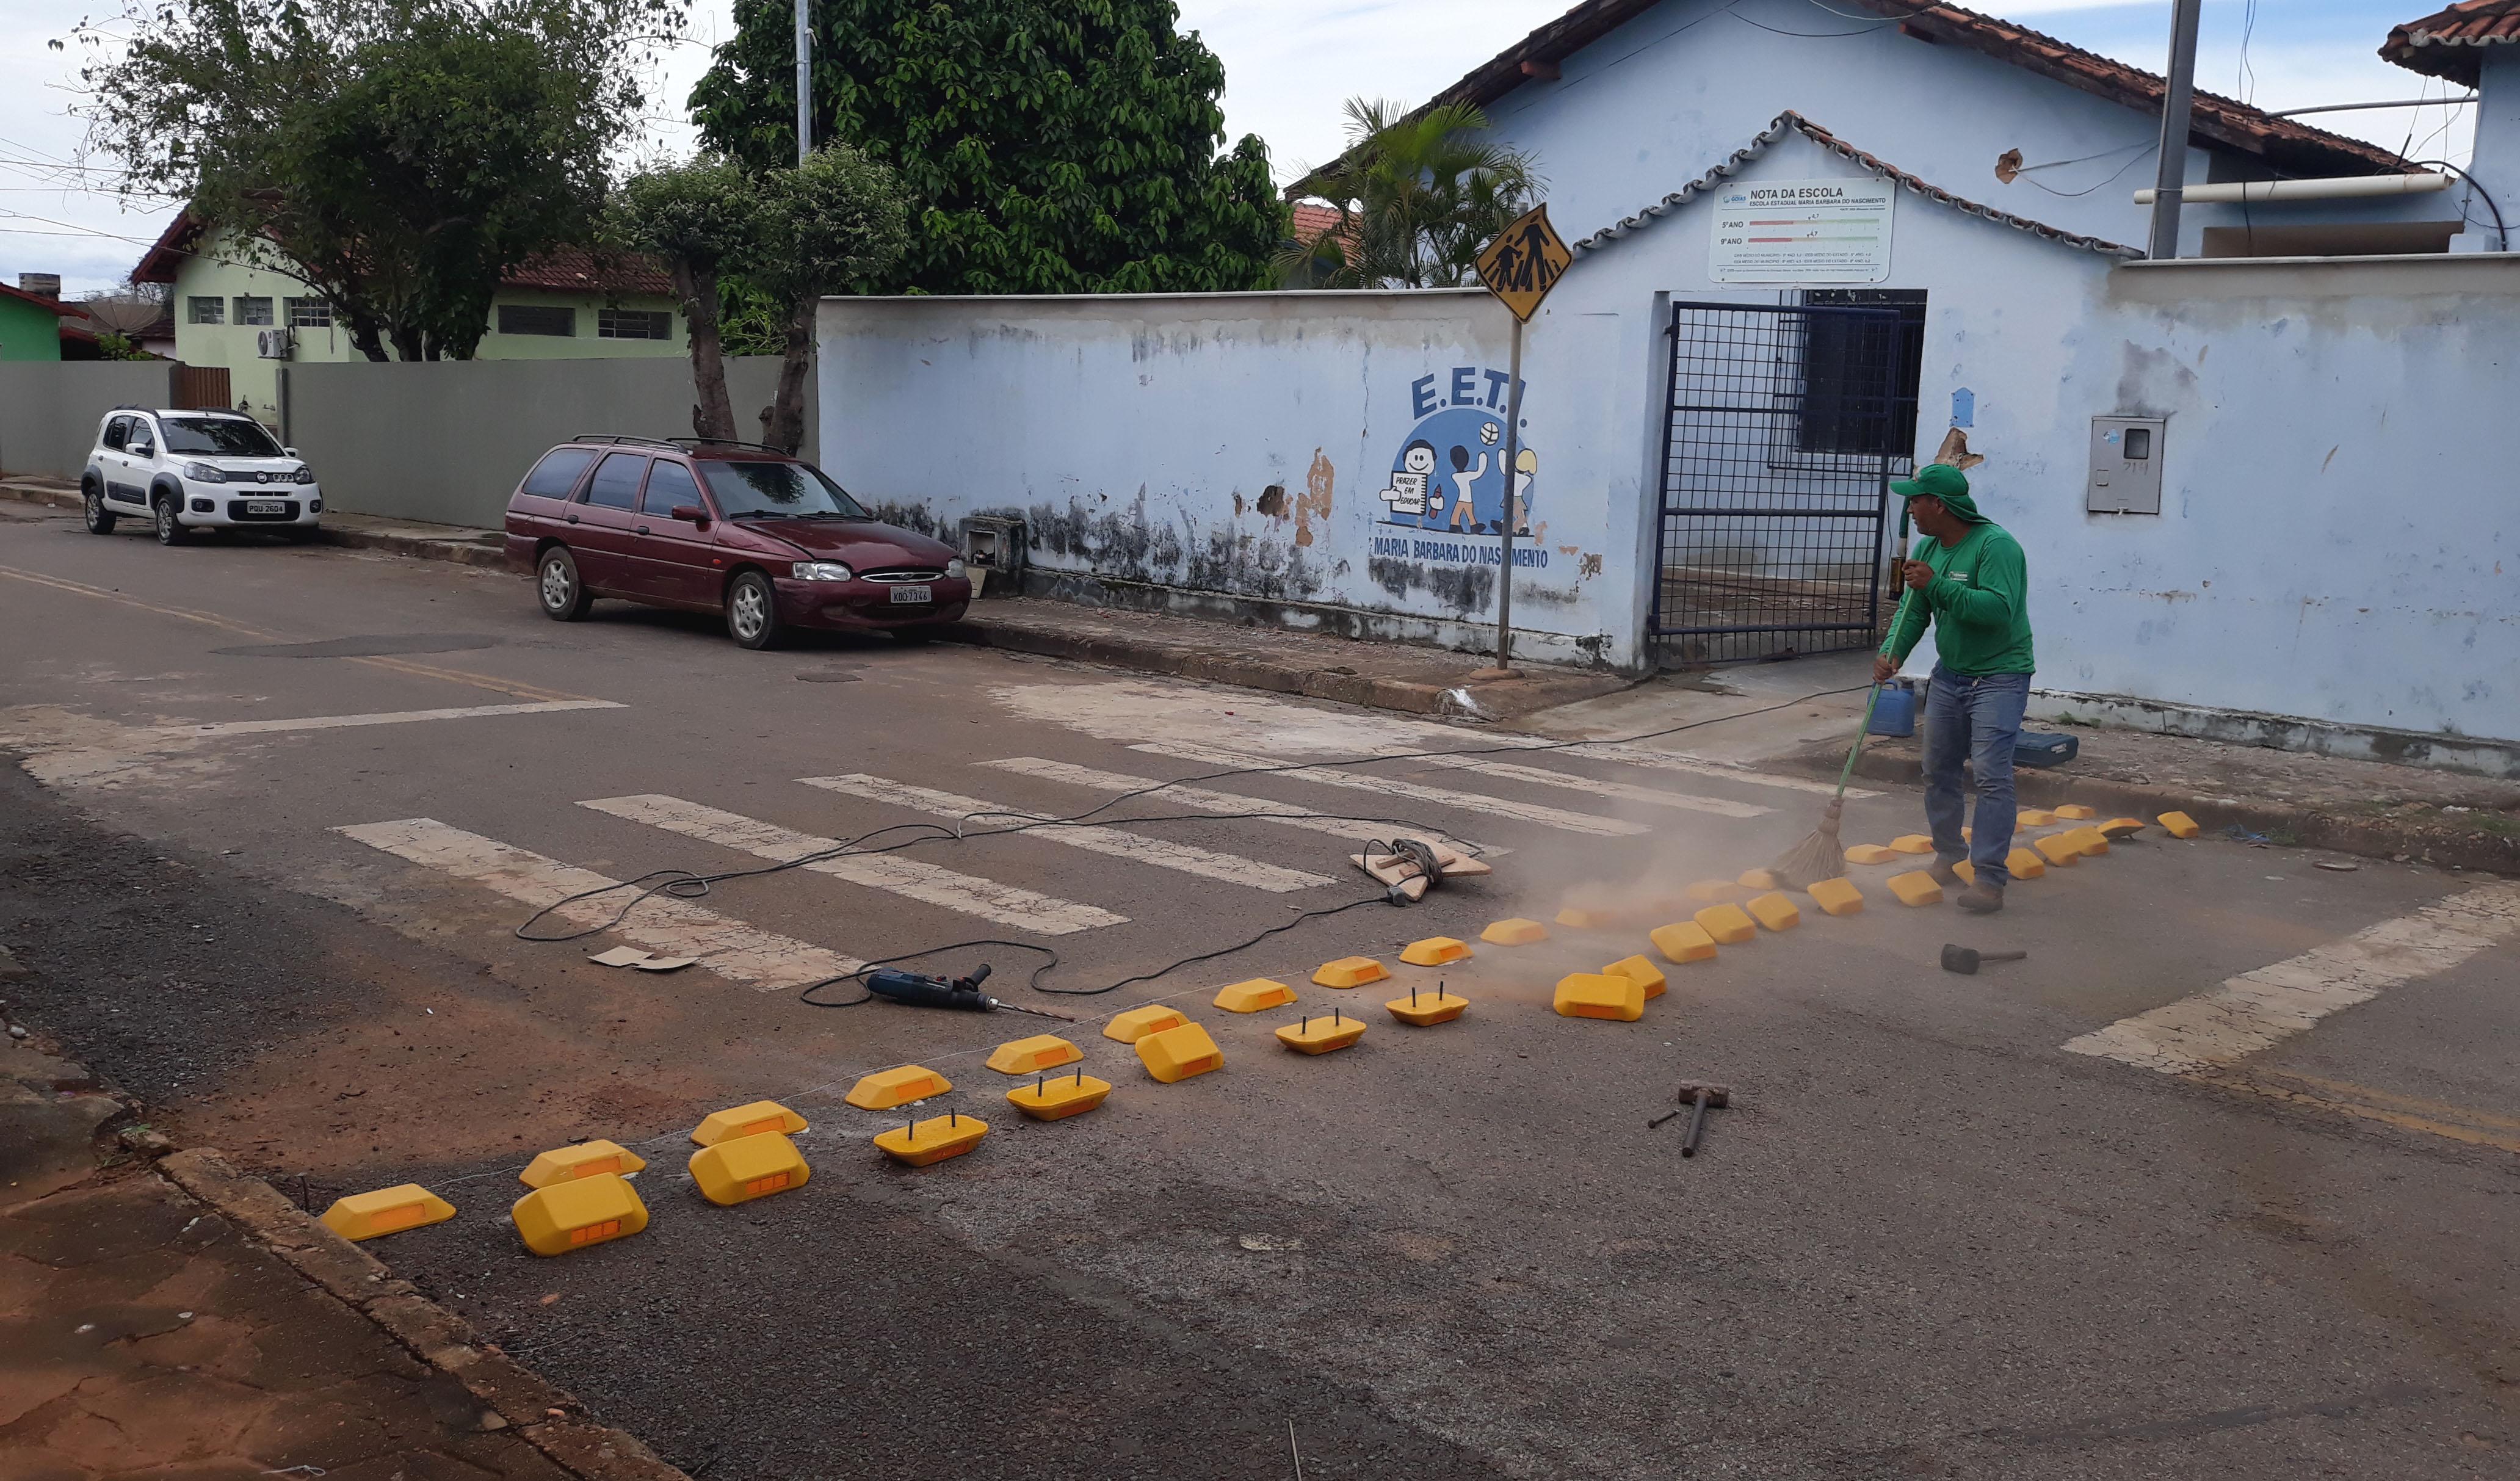 REDUTORES DE VELOCIDADE SÃO INSTALADOS EM FRENTE À CENTROS EDUCACIONAIS